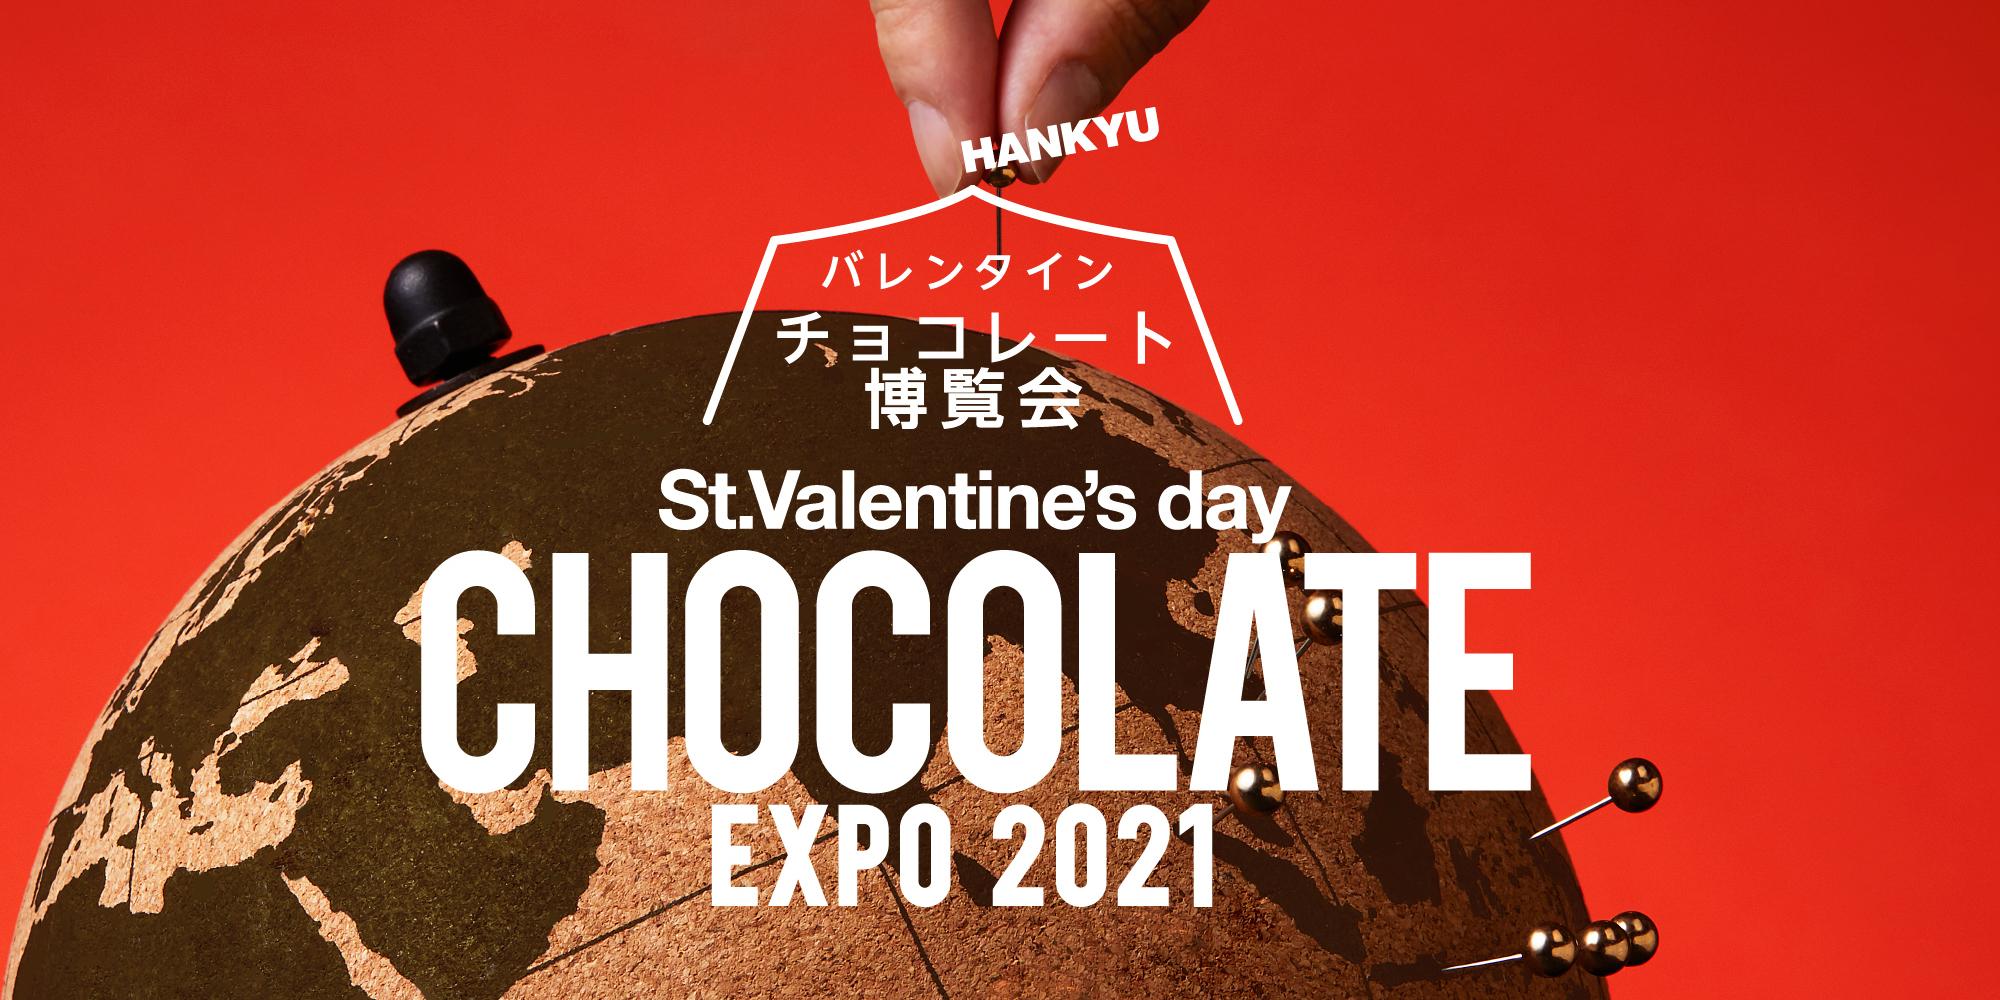 出典:バレンタインチョコレート博覧会2021